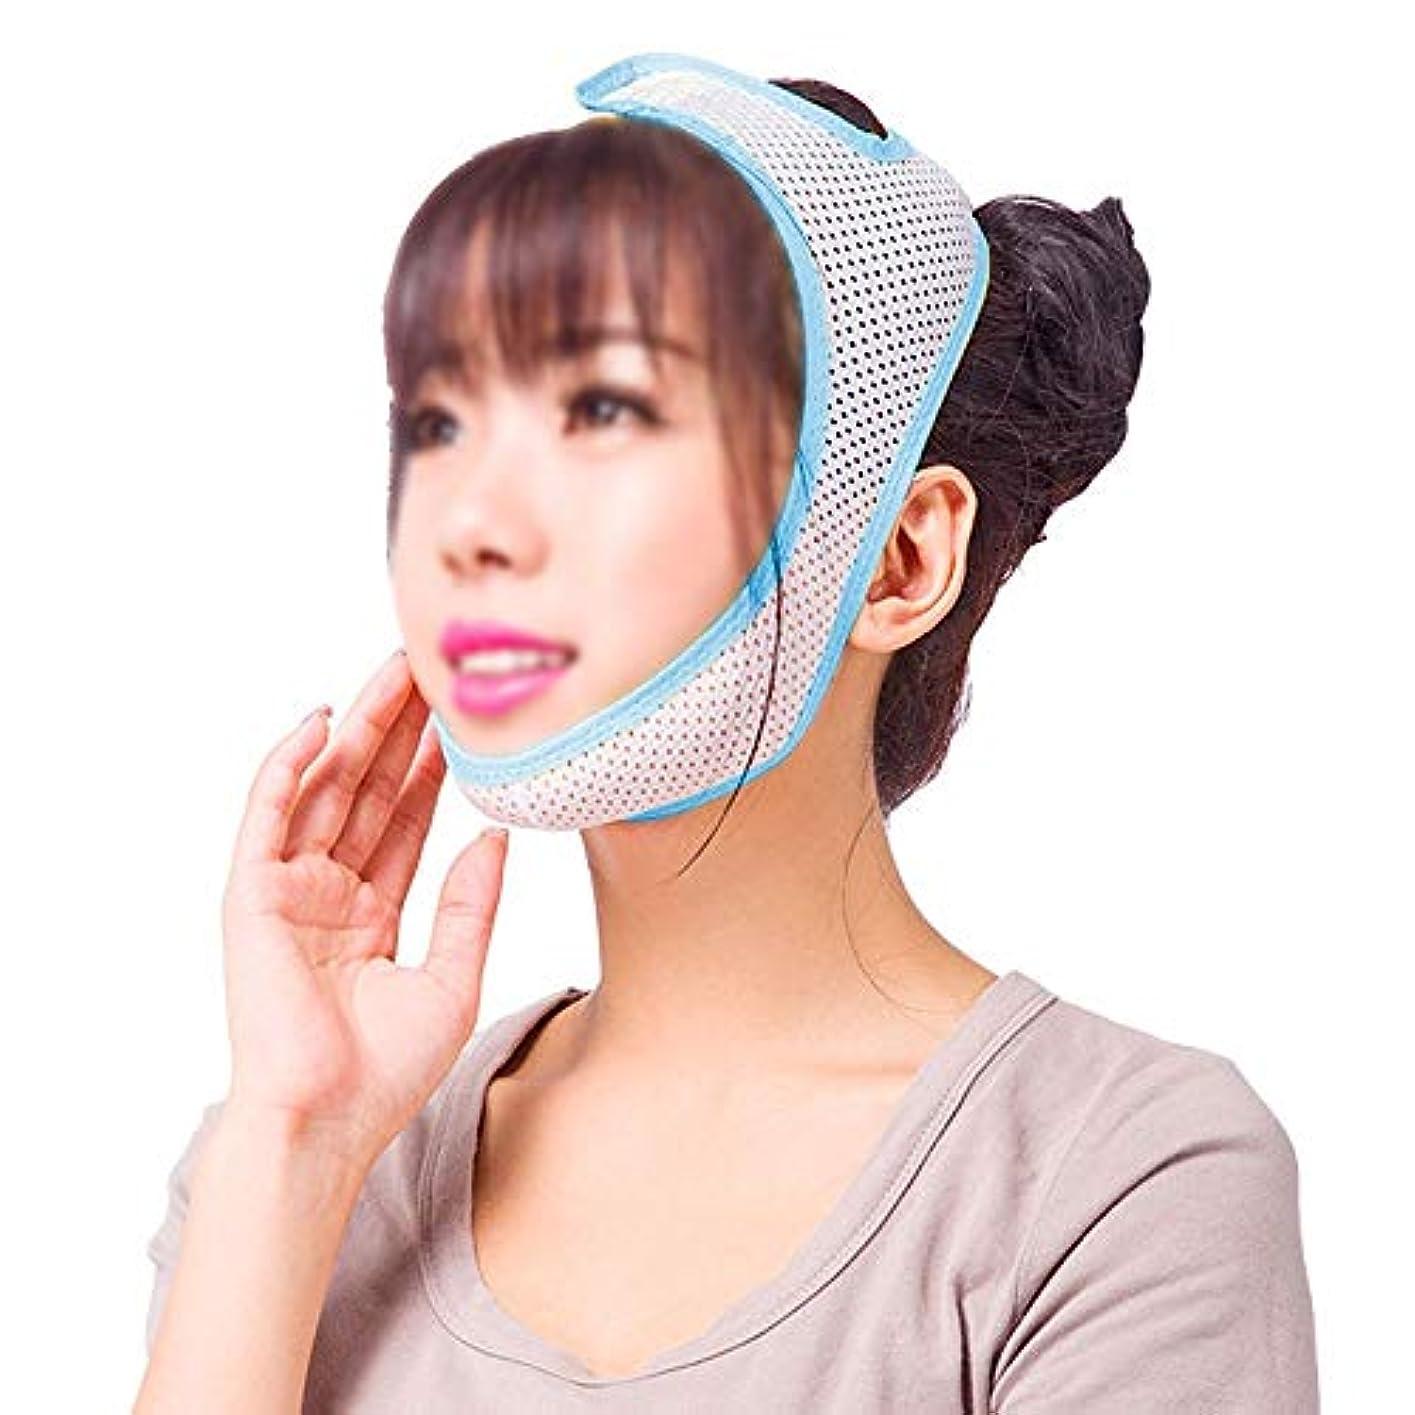 タール継承風邪をひくフェイス&ネックリフト、フェイスリフトマスク強力なフェイスリフティングデバイスフェイスリフティング包帯アーチファクトフェイスリフティングツール付きフェイスリフティングフェイスマスク